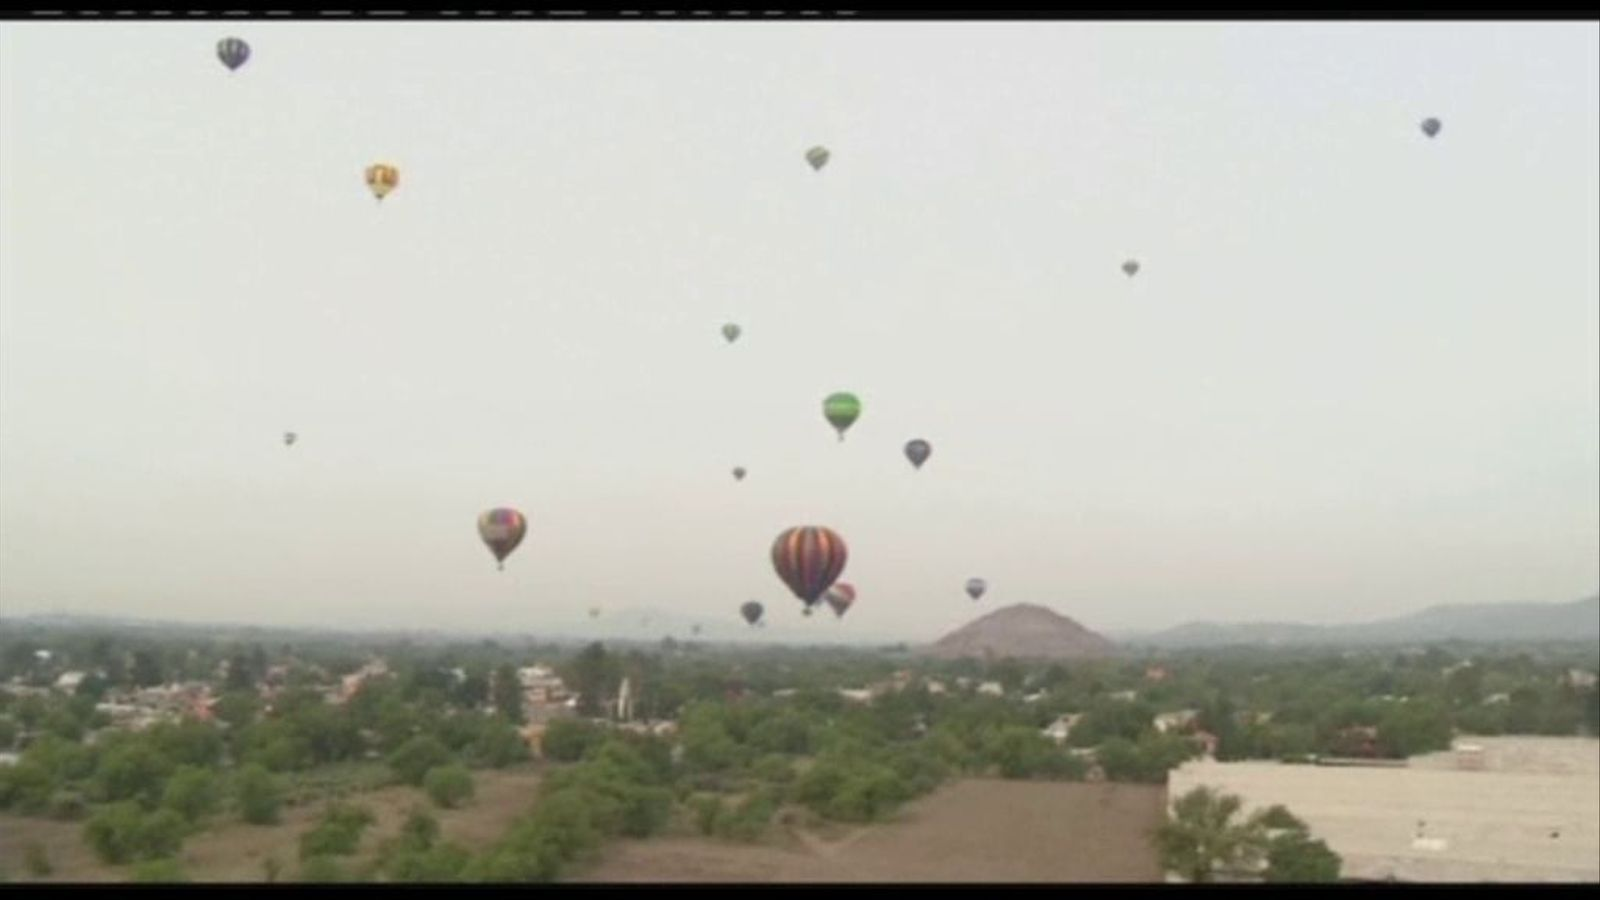 Festival de globus aerostàtics a Mèxic